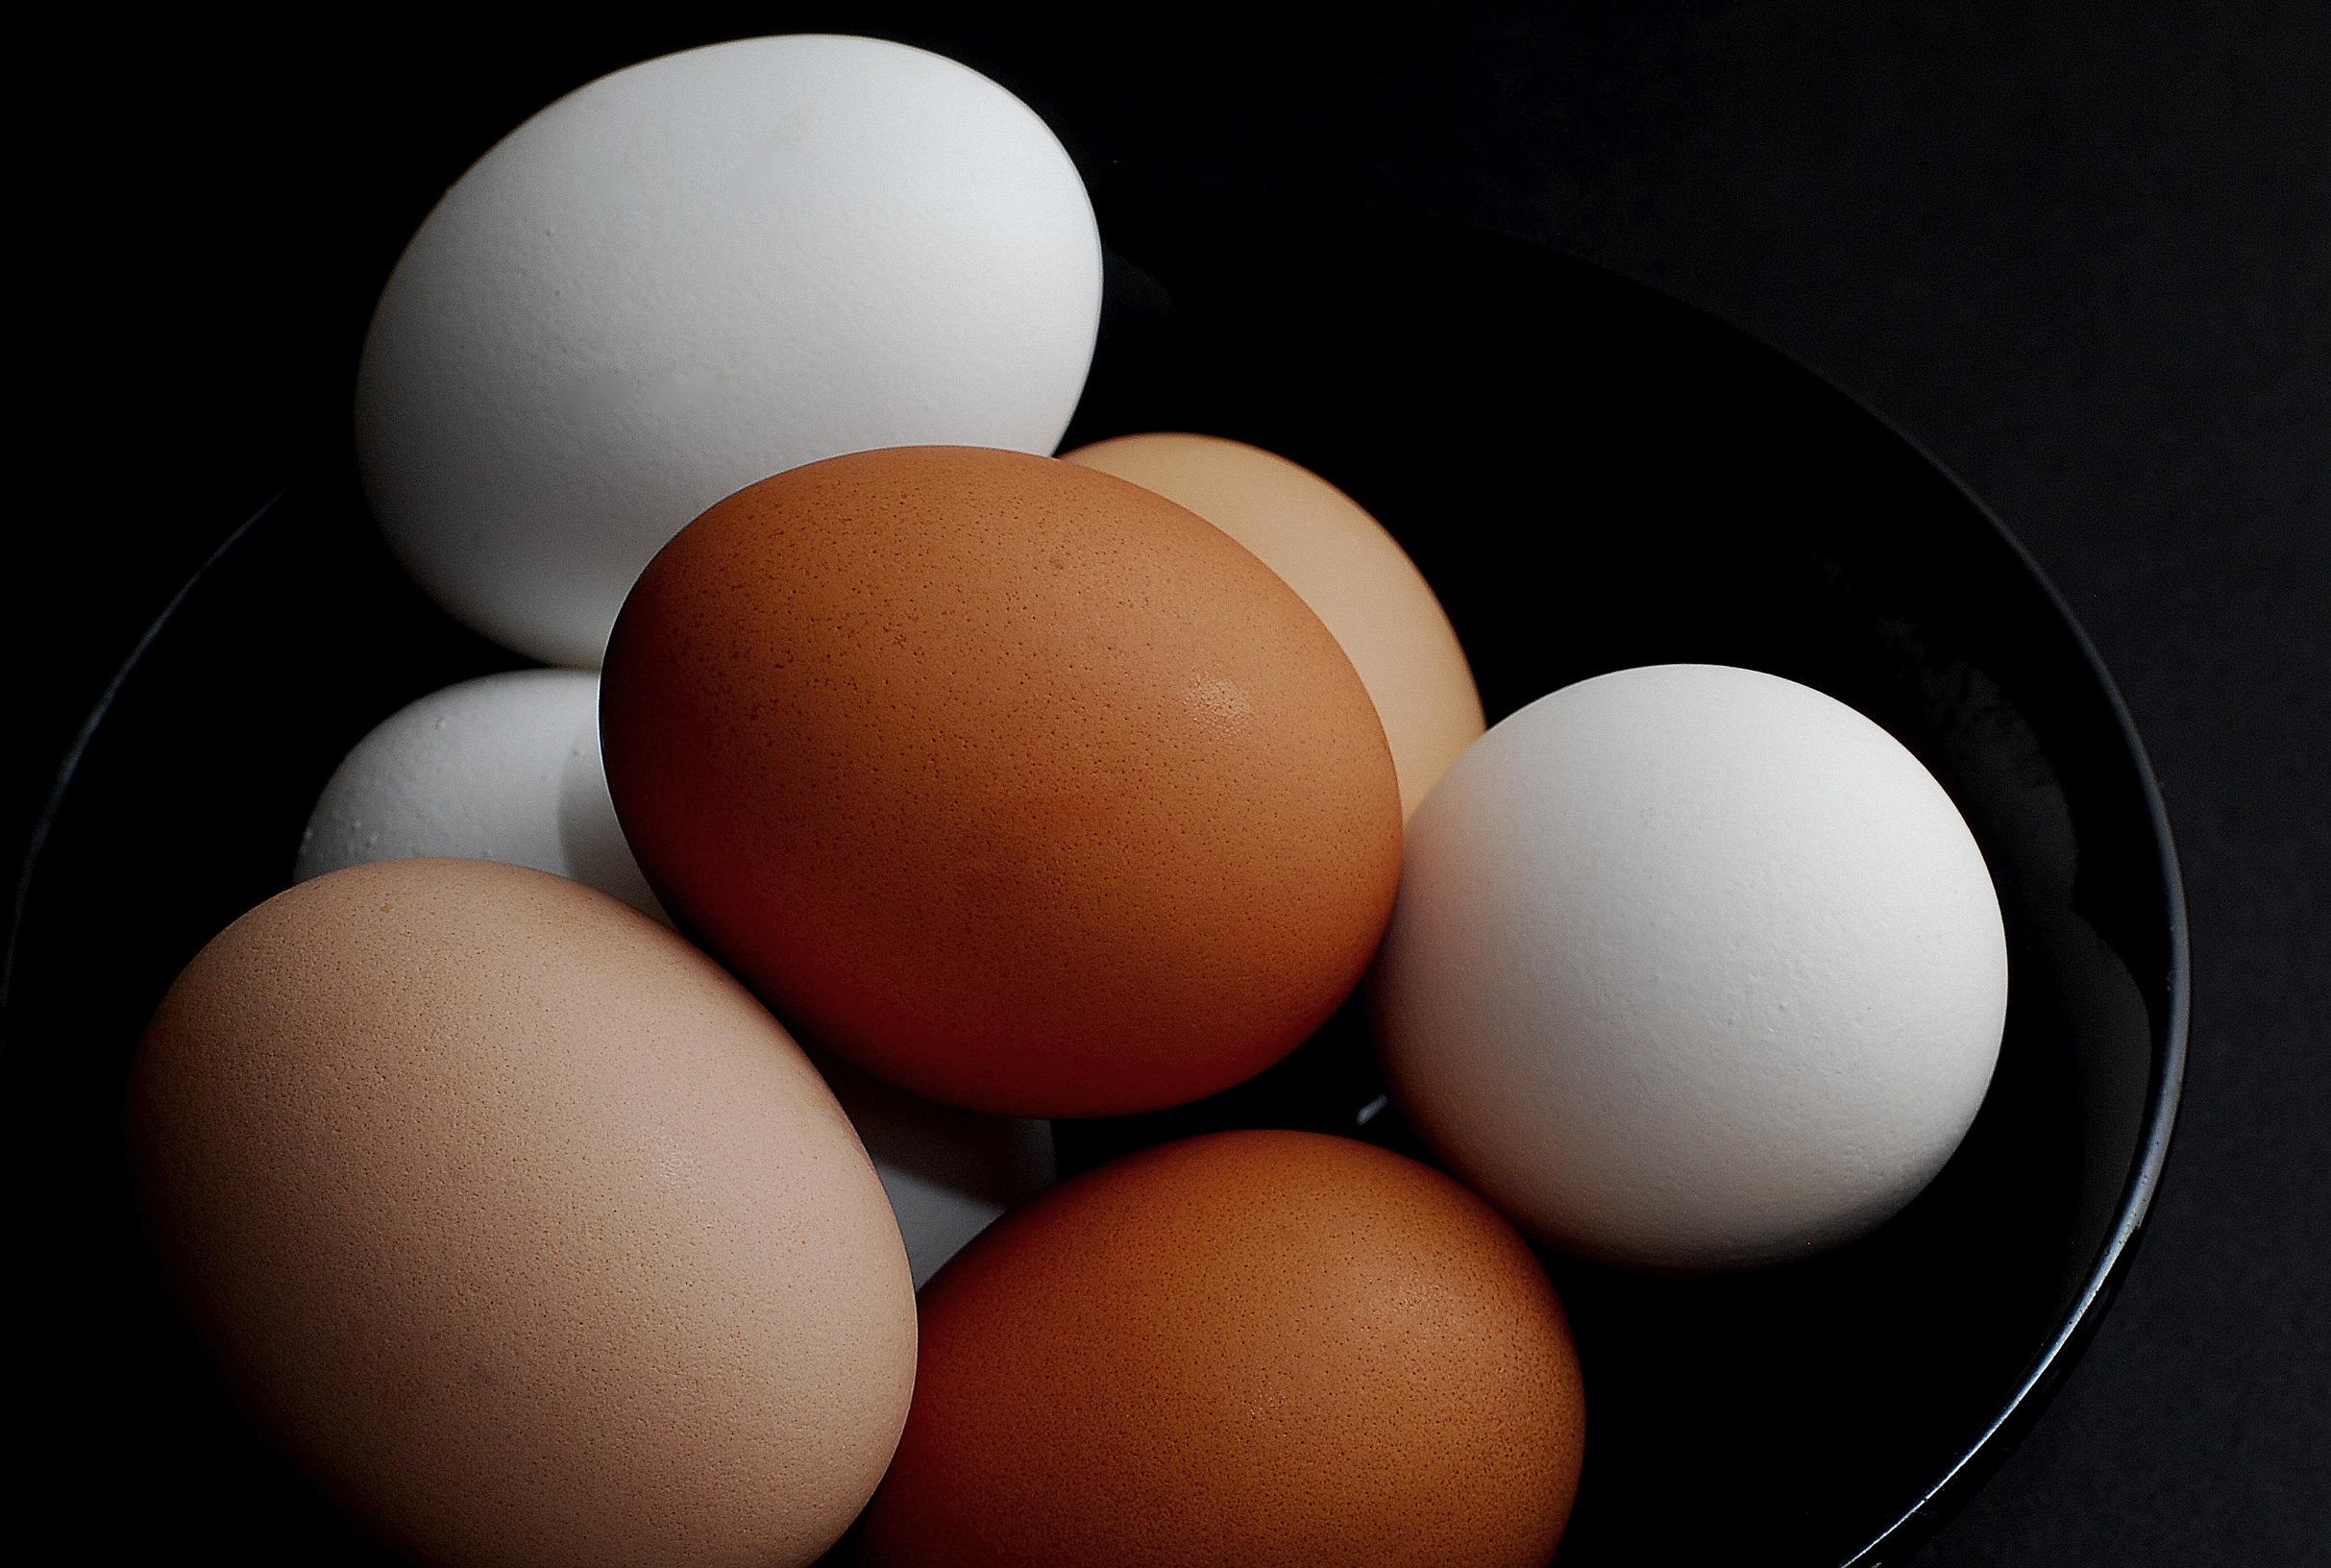 еда яйца графика планеты food eggs graphics planet скачать